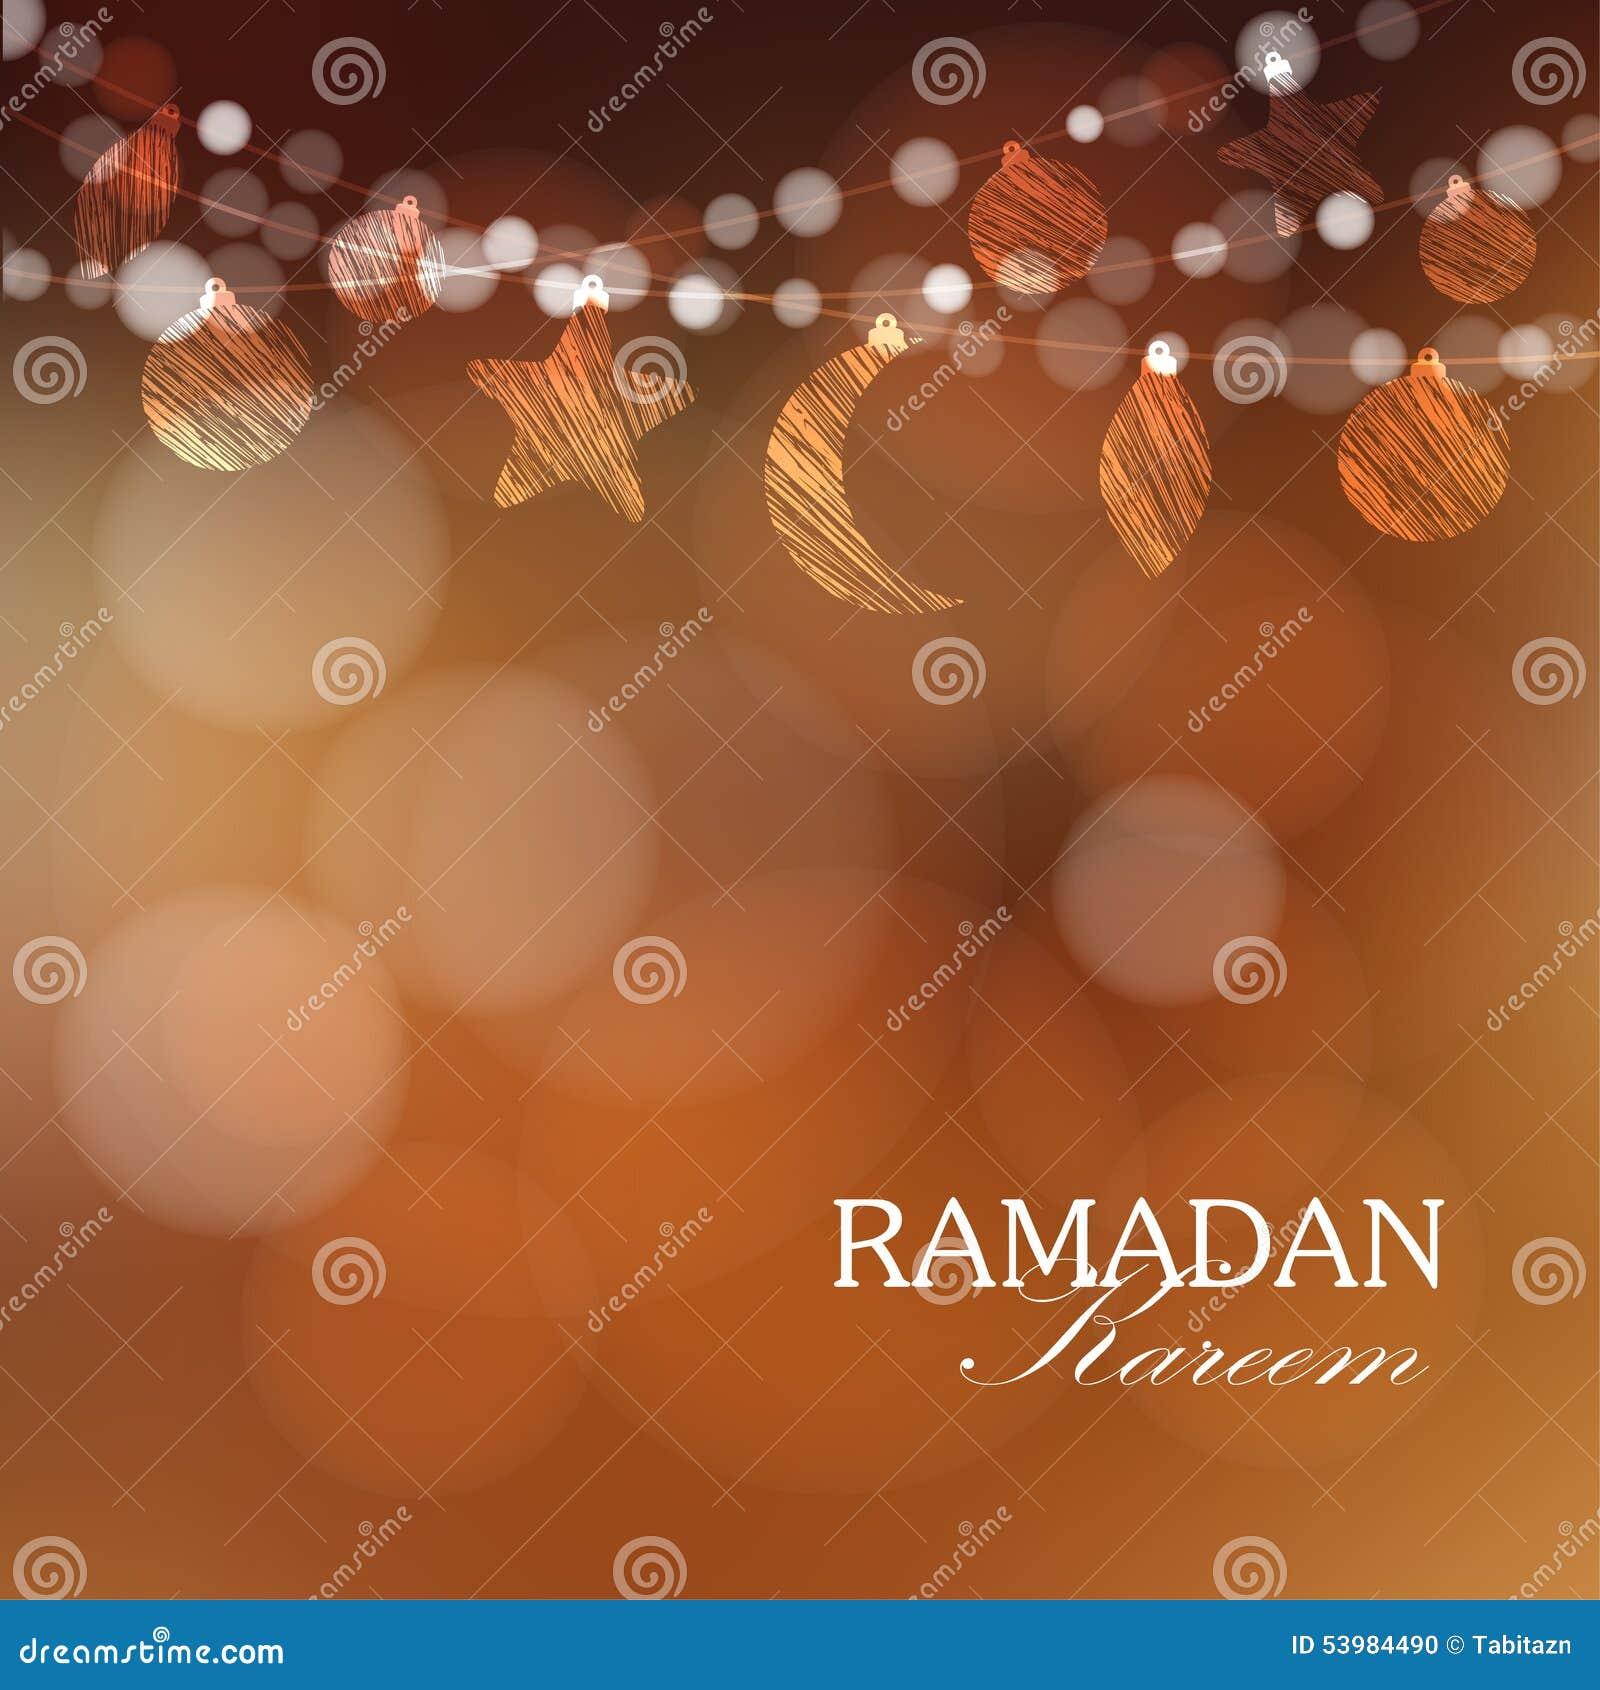 Guirnaldas con la luna, estrellas, luces, ejemplo del Ramadán